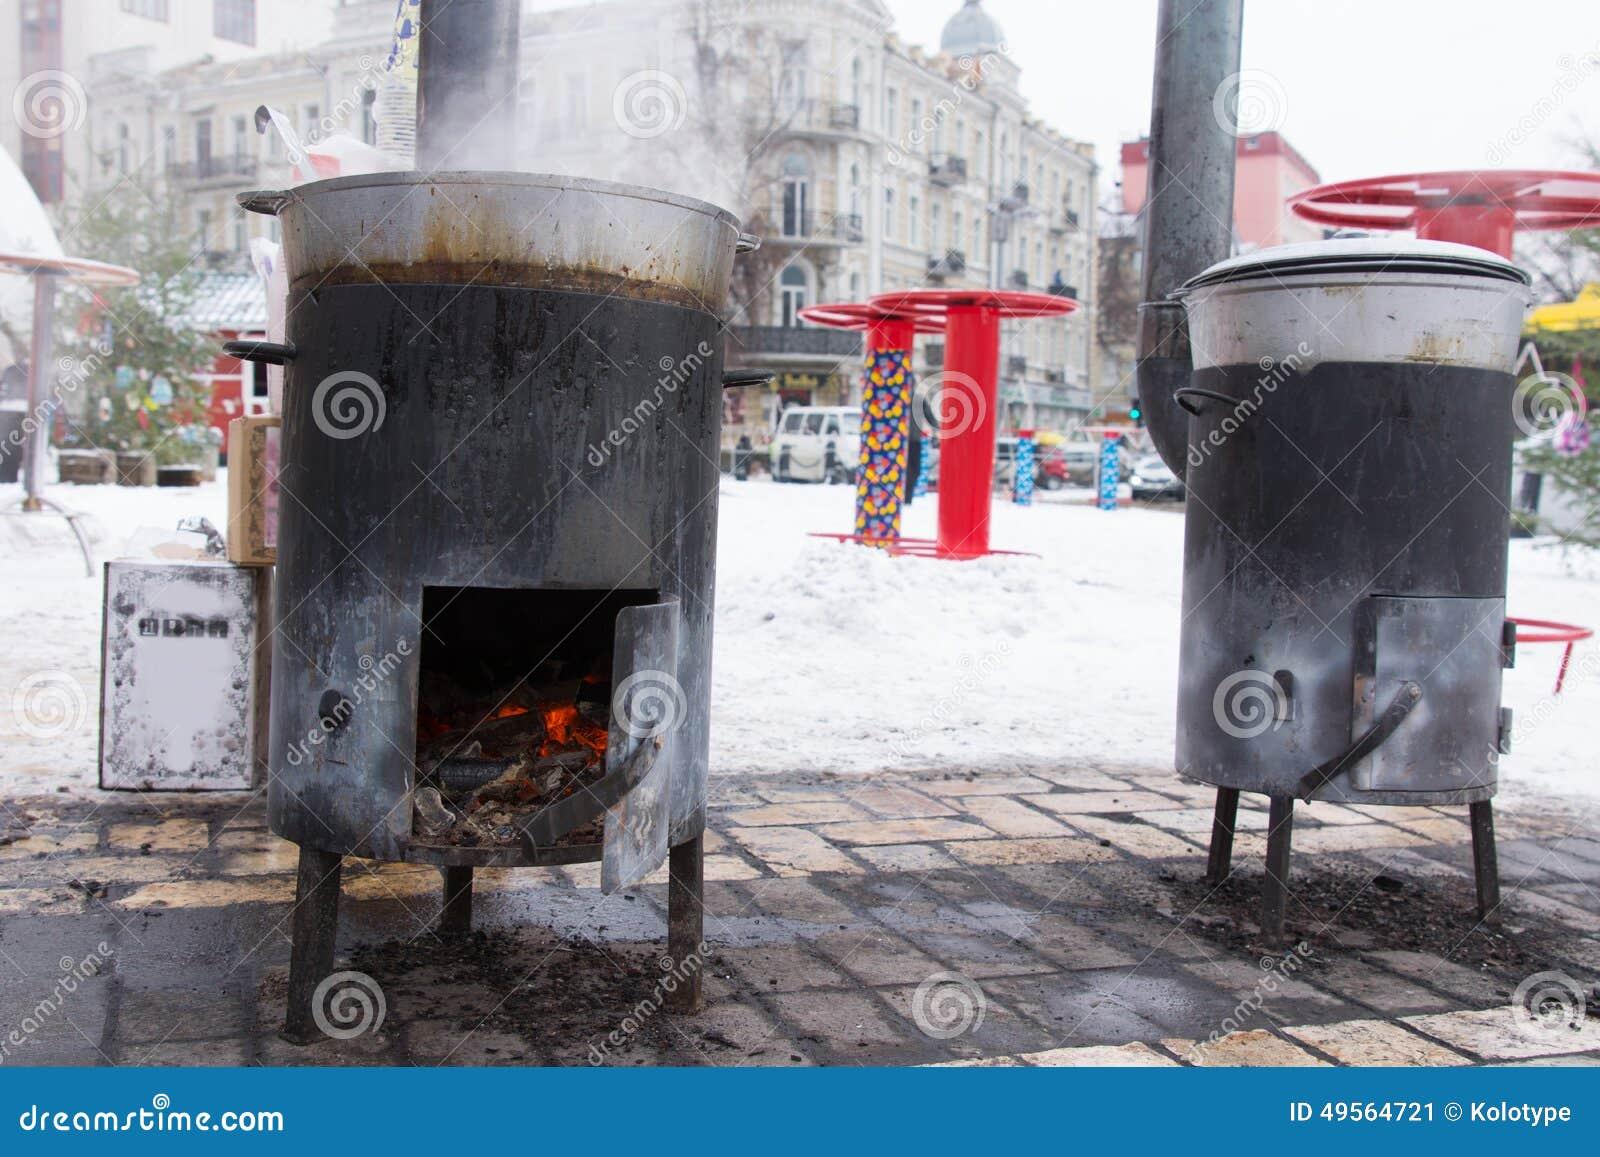 Zwei Tragbare Dickbauchöfen Für Draußen Kochen Stockbild - Bild von ...